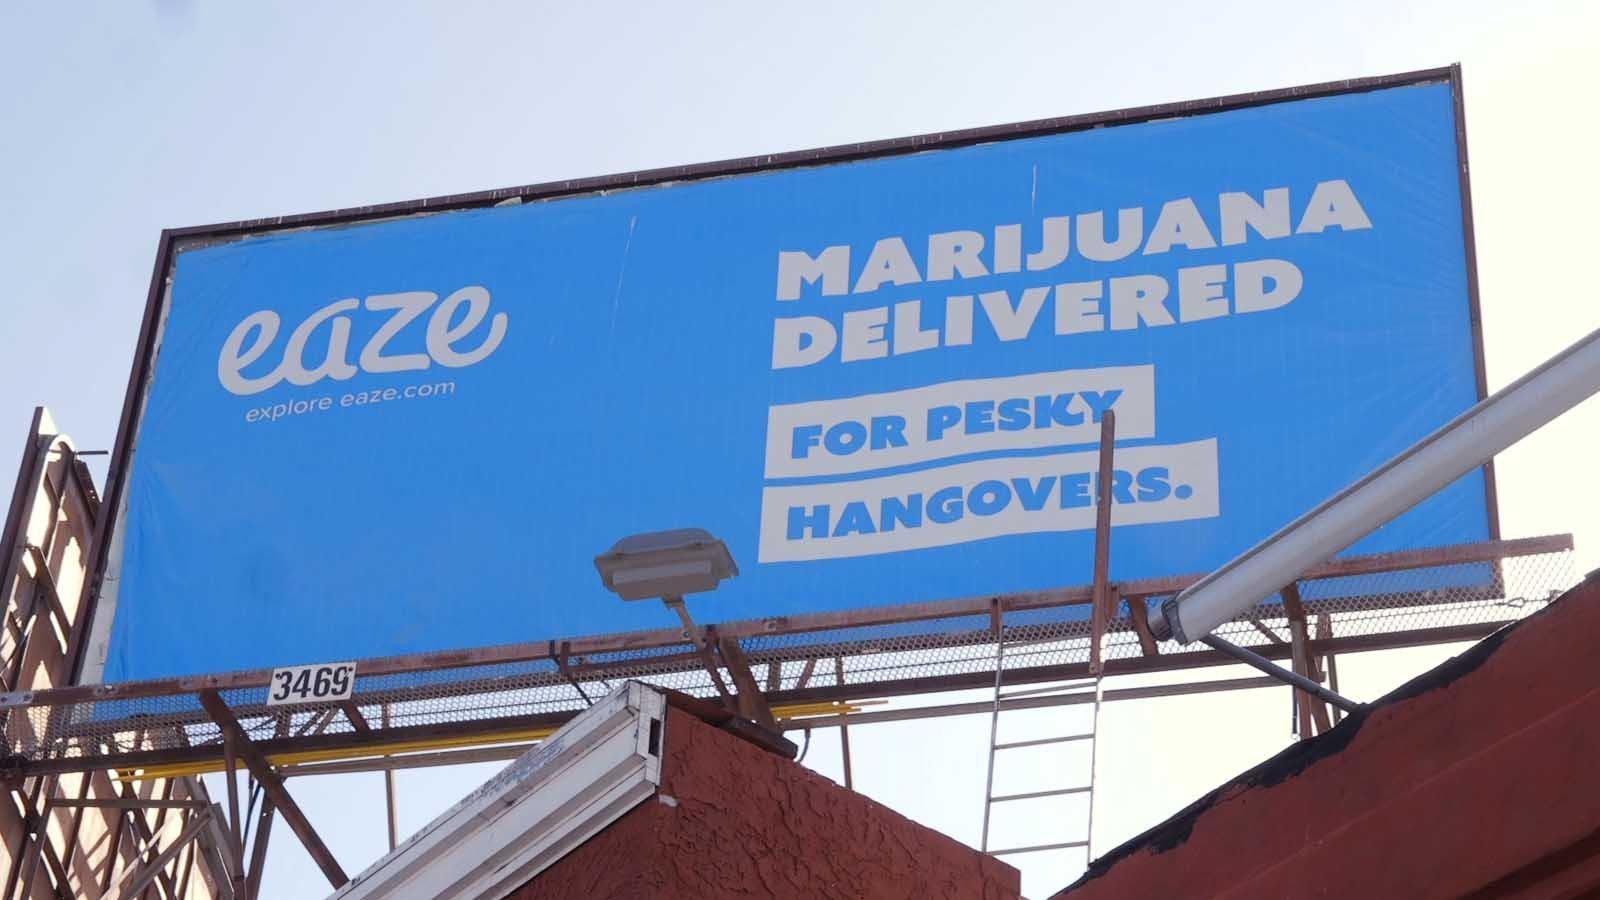 Cannabis Retail Marketing in California